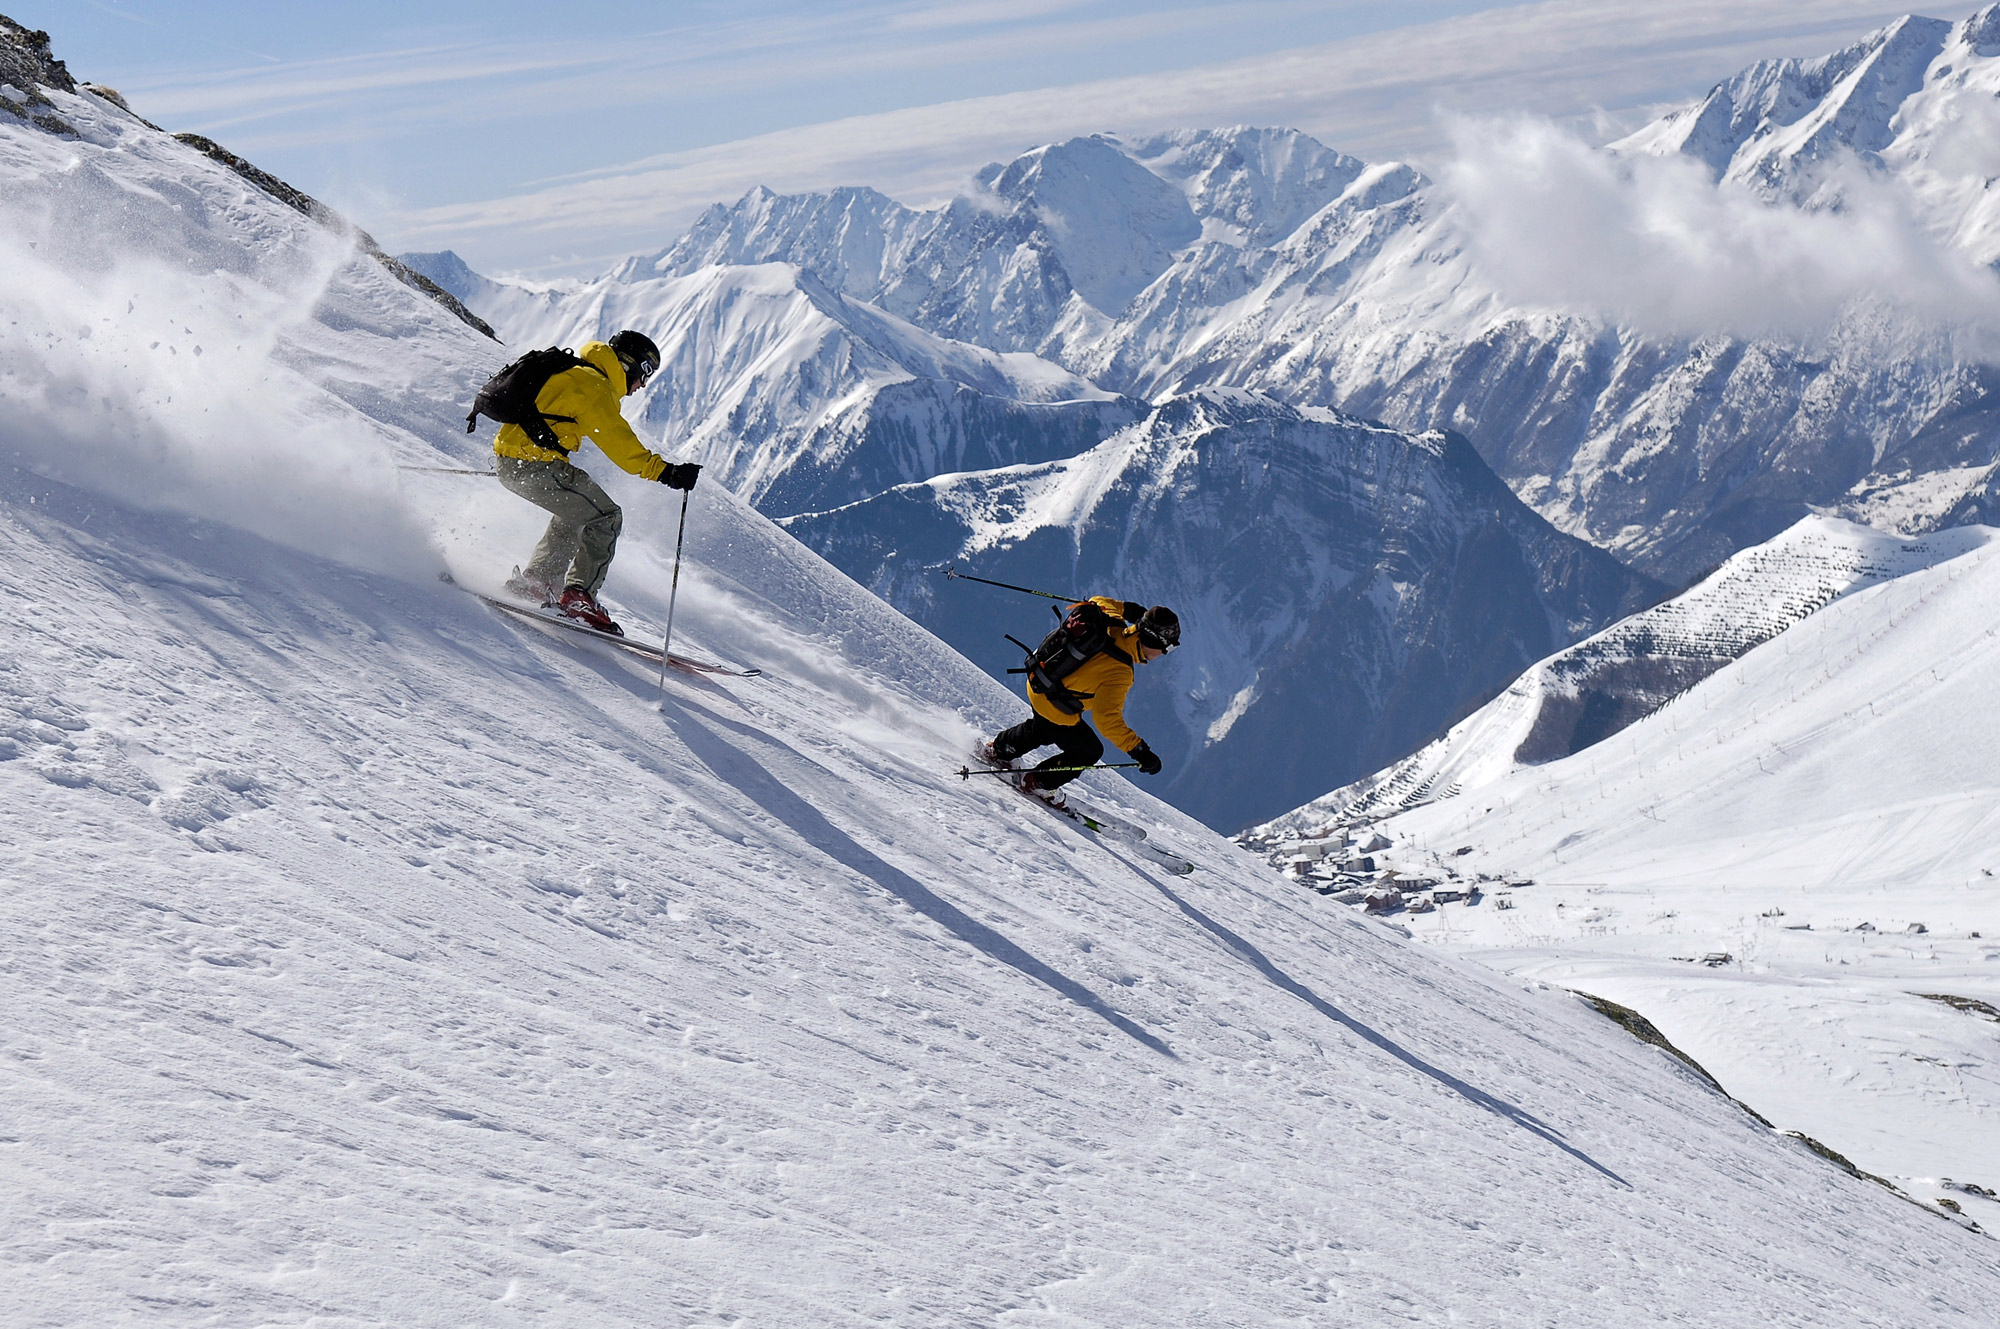 Vacances en famille dans les Alpes : Top 5 des activités (Partie 1)